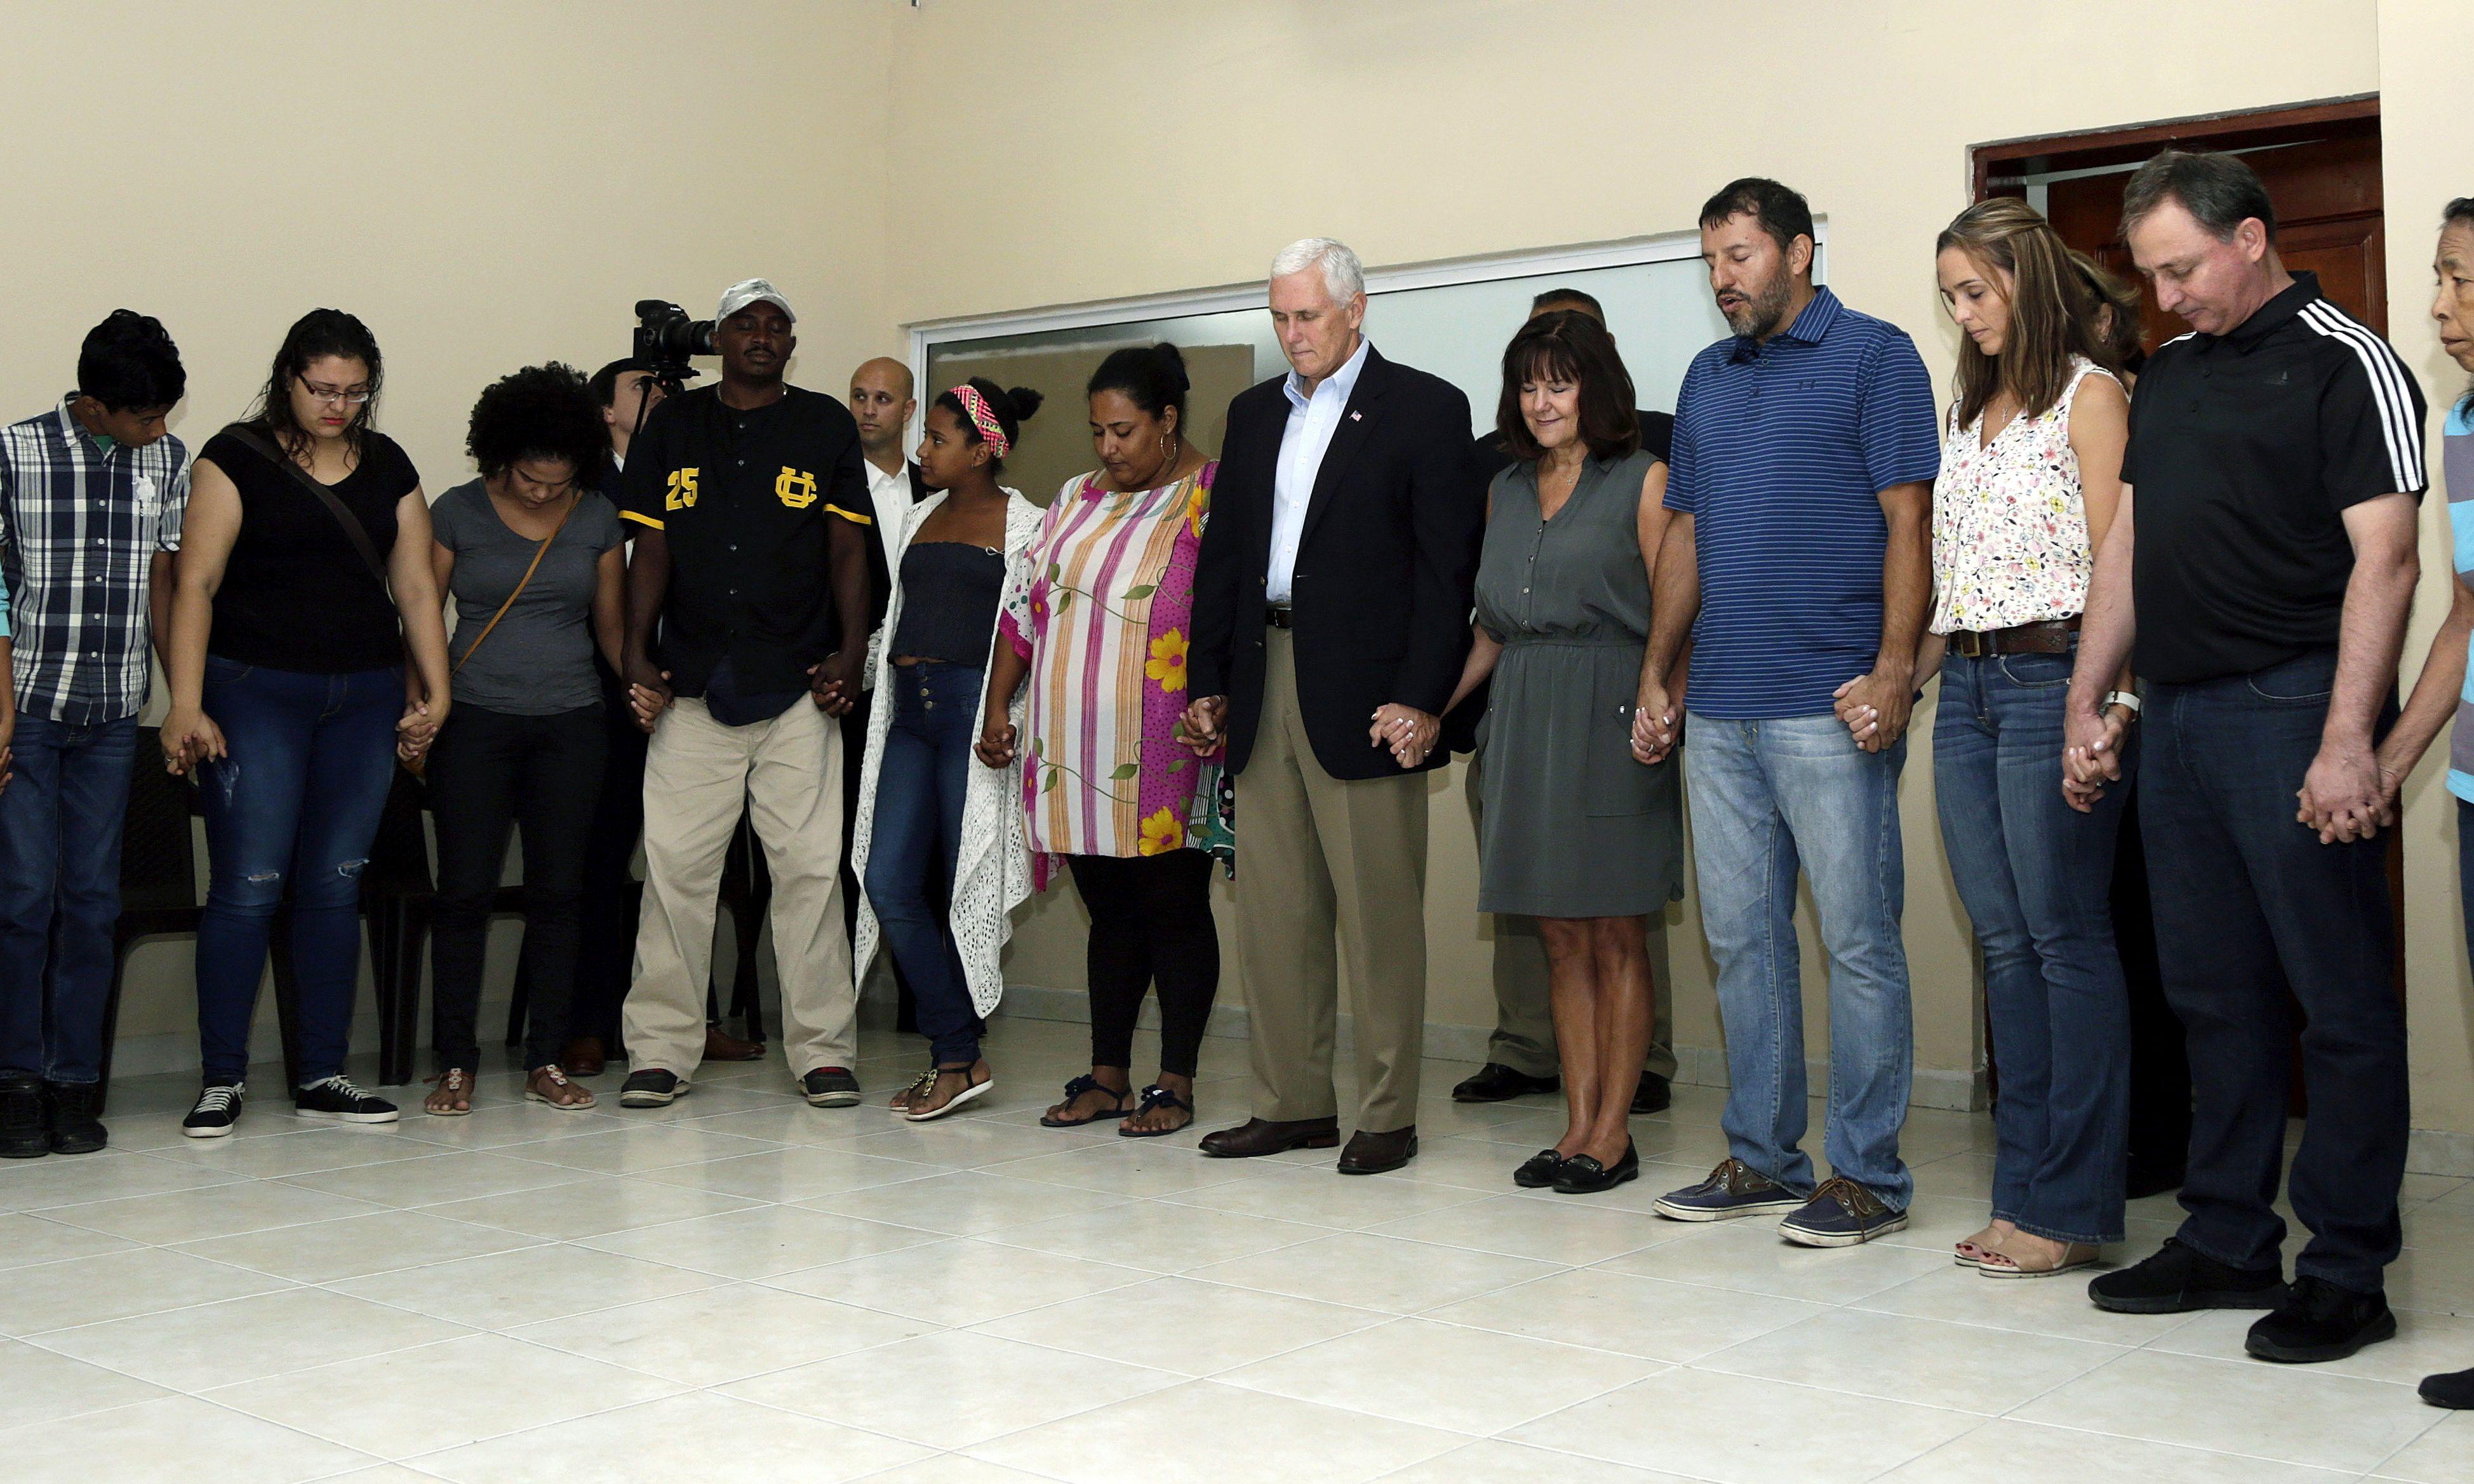 Pence kaže da 'propala država' u Venezueli ugrožava Sjedinjene Države